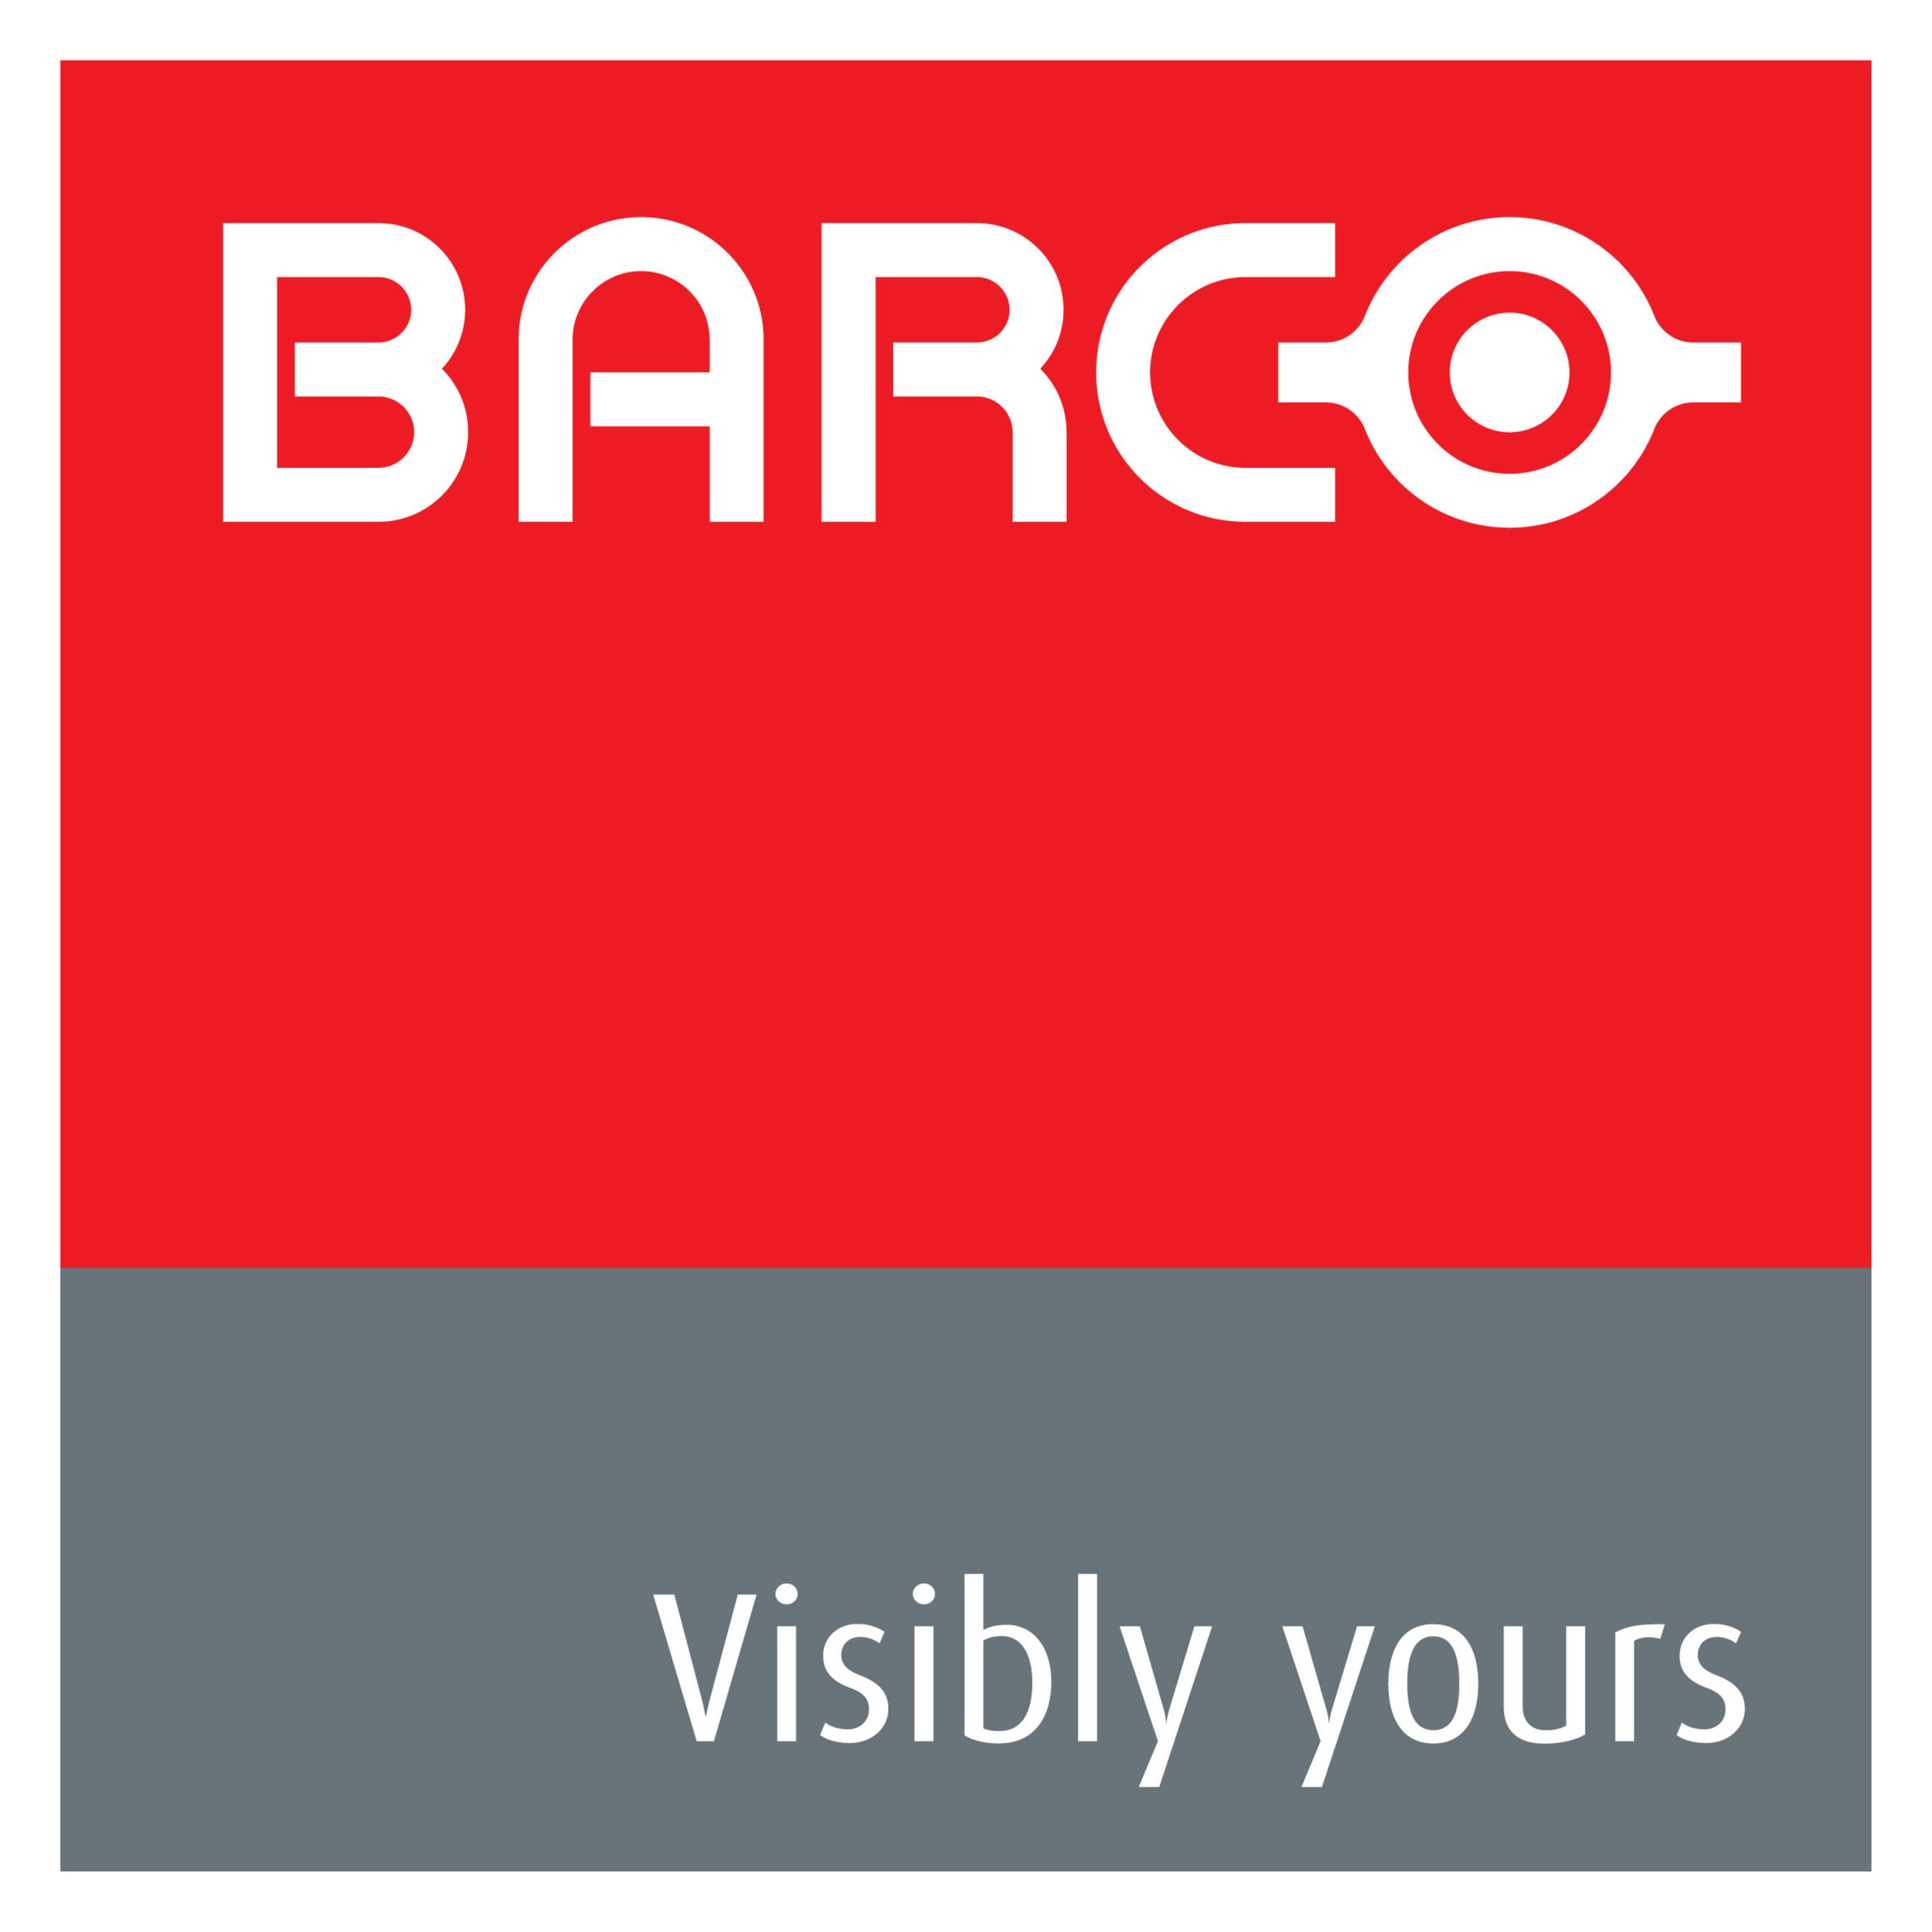 BARCO LOGO (PRNewsFoto/Barco Electronic Systems)